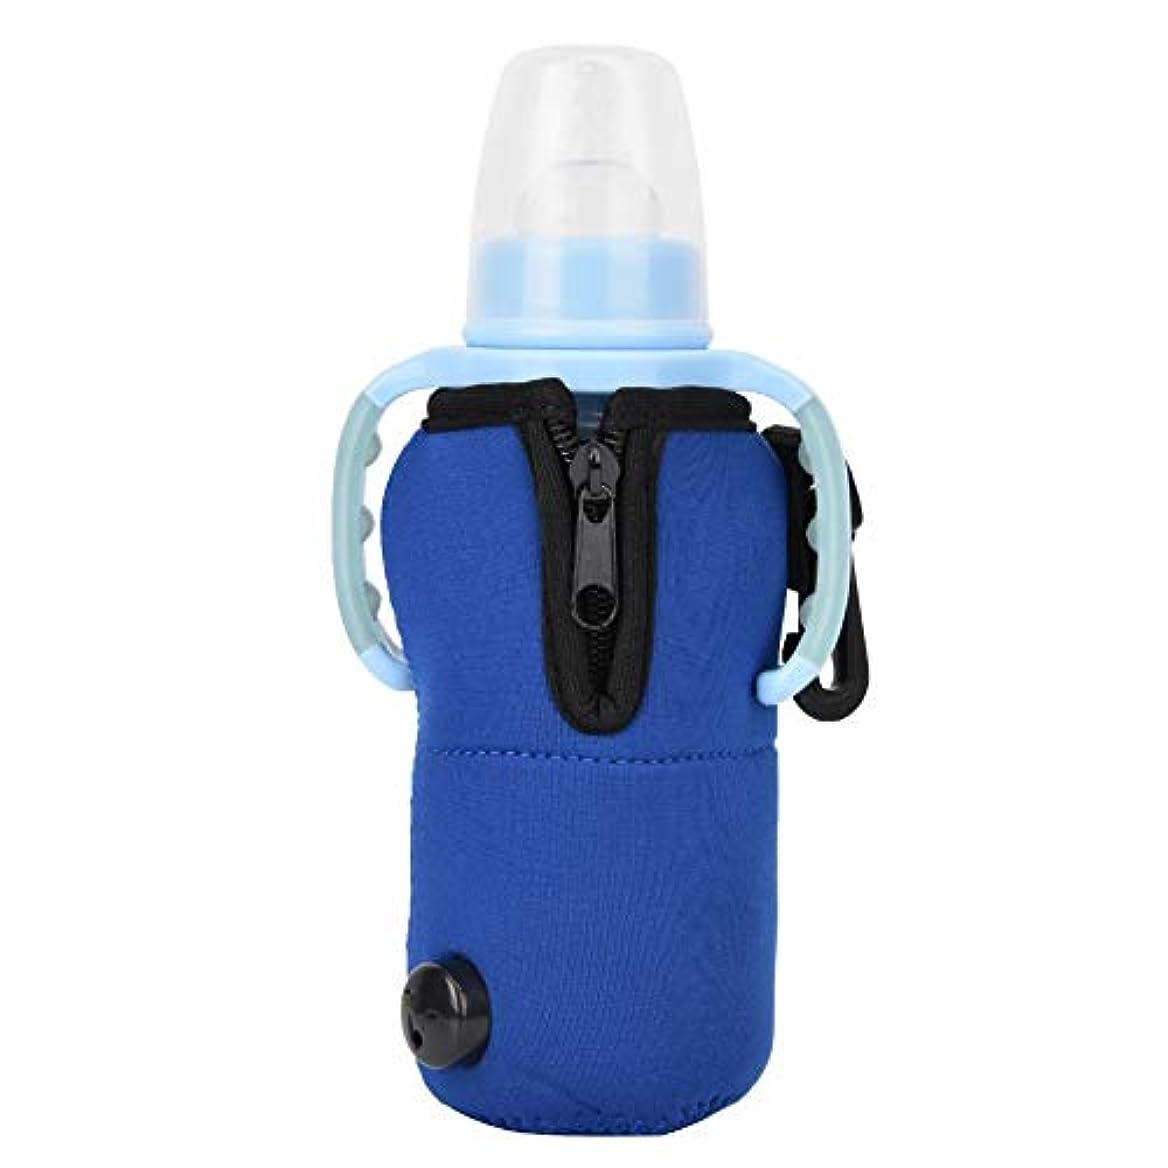 制限する用心楽しませるミルクウォーマー ウォータードリンクボトルカップヒーター CHBカーボンファイバーカーヒーター用 耐火布付き加熱